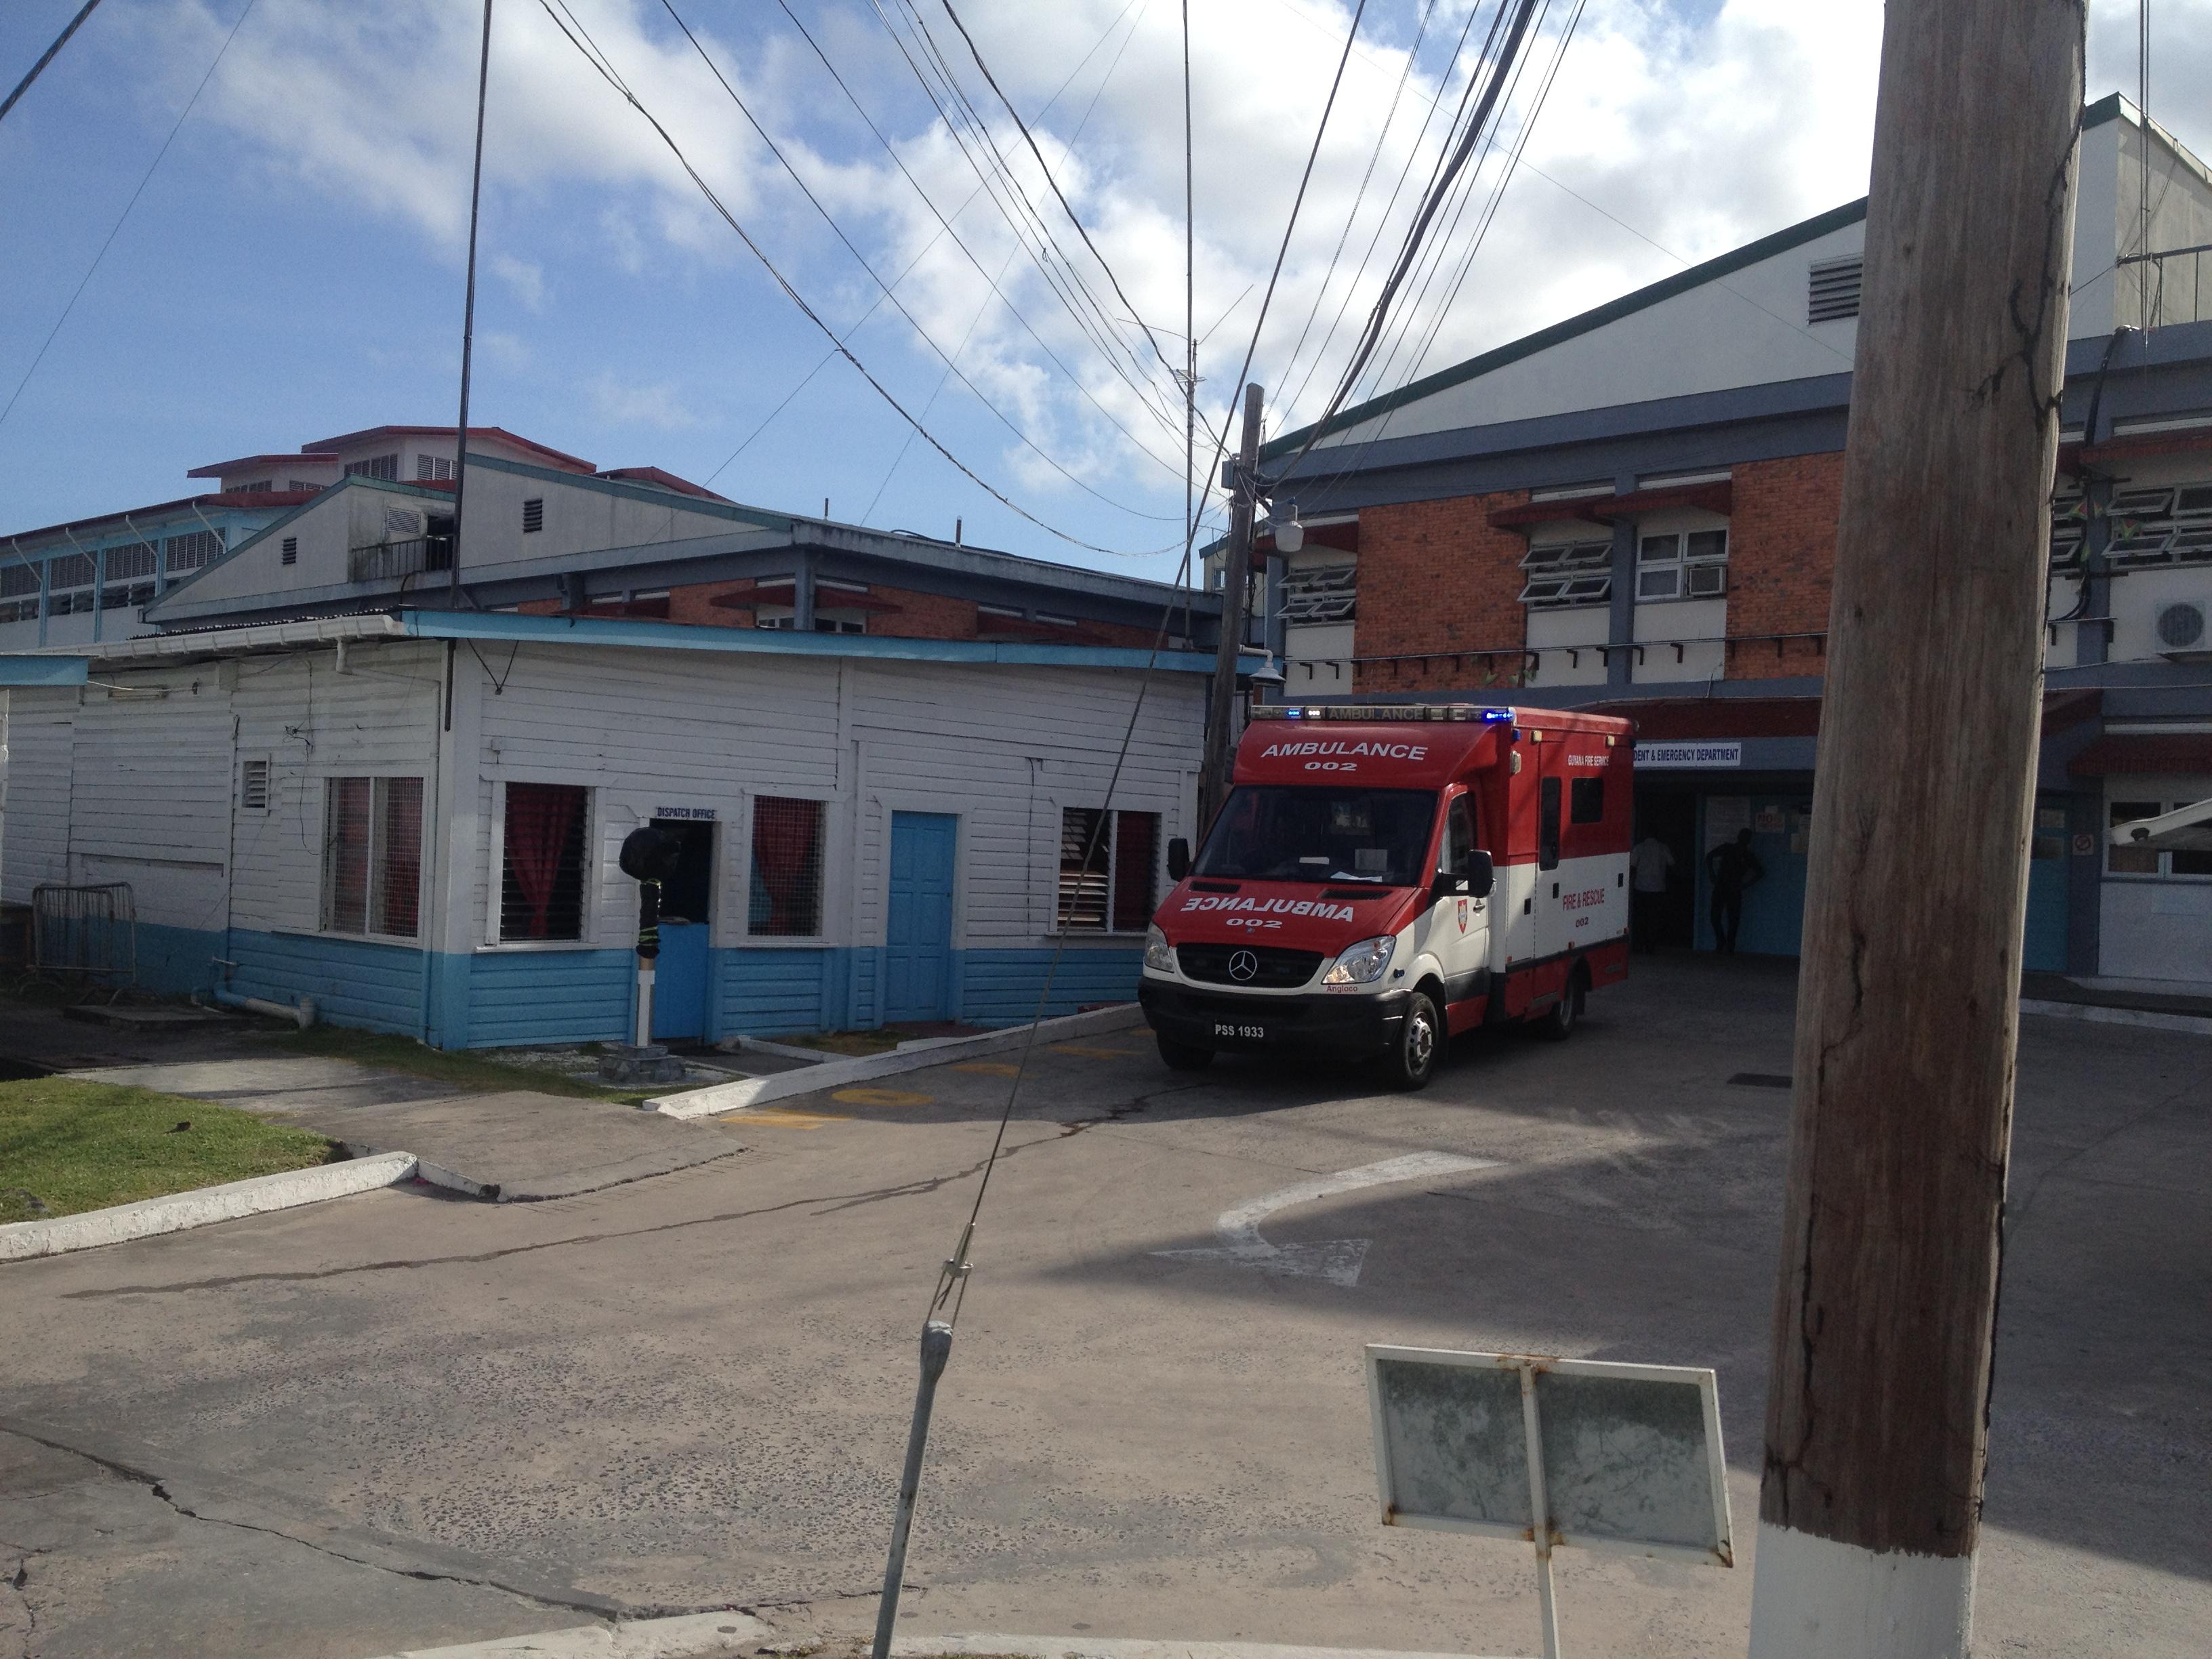 FGHL Blog: Kim Pruett - Georgetown Public Hospital in Guyana